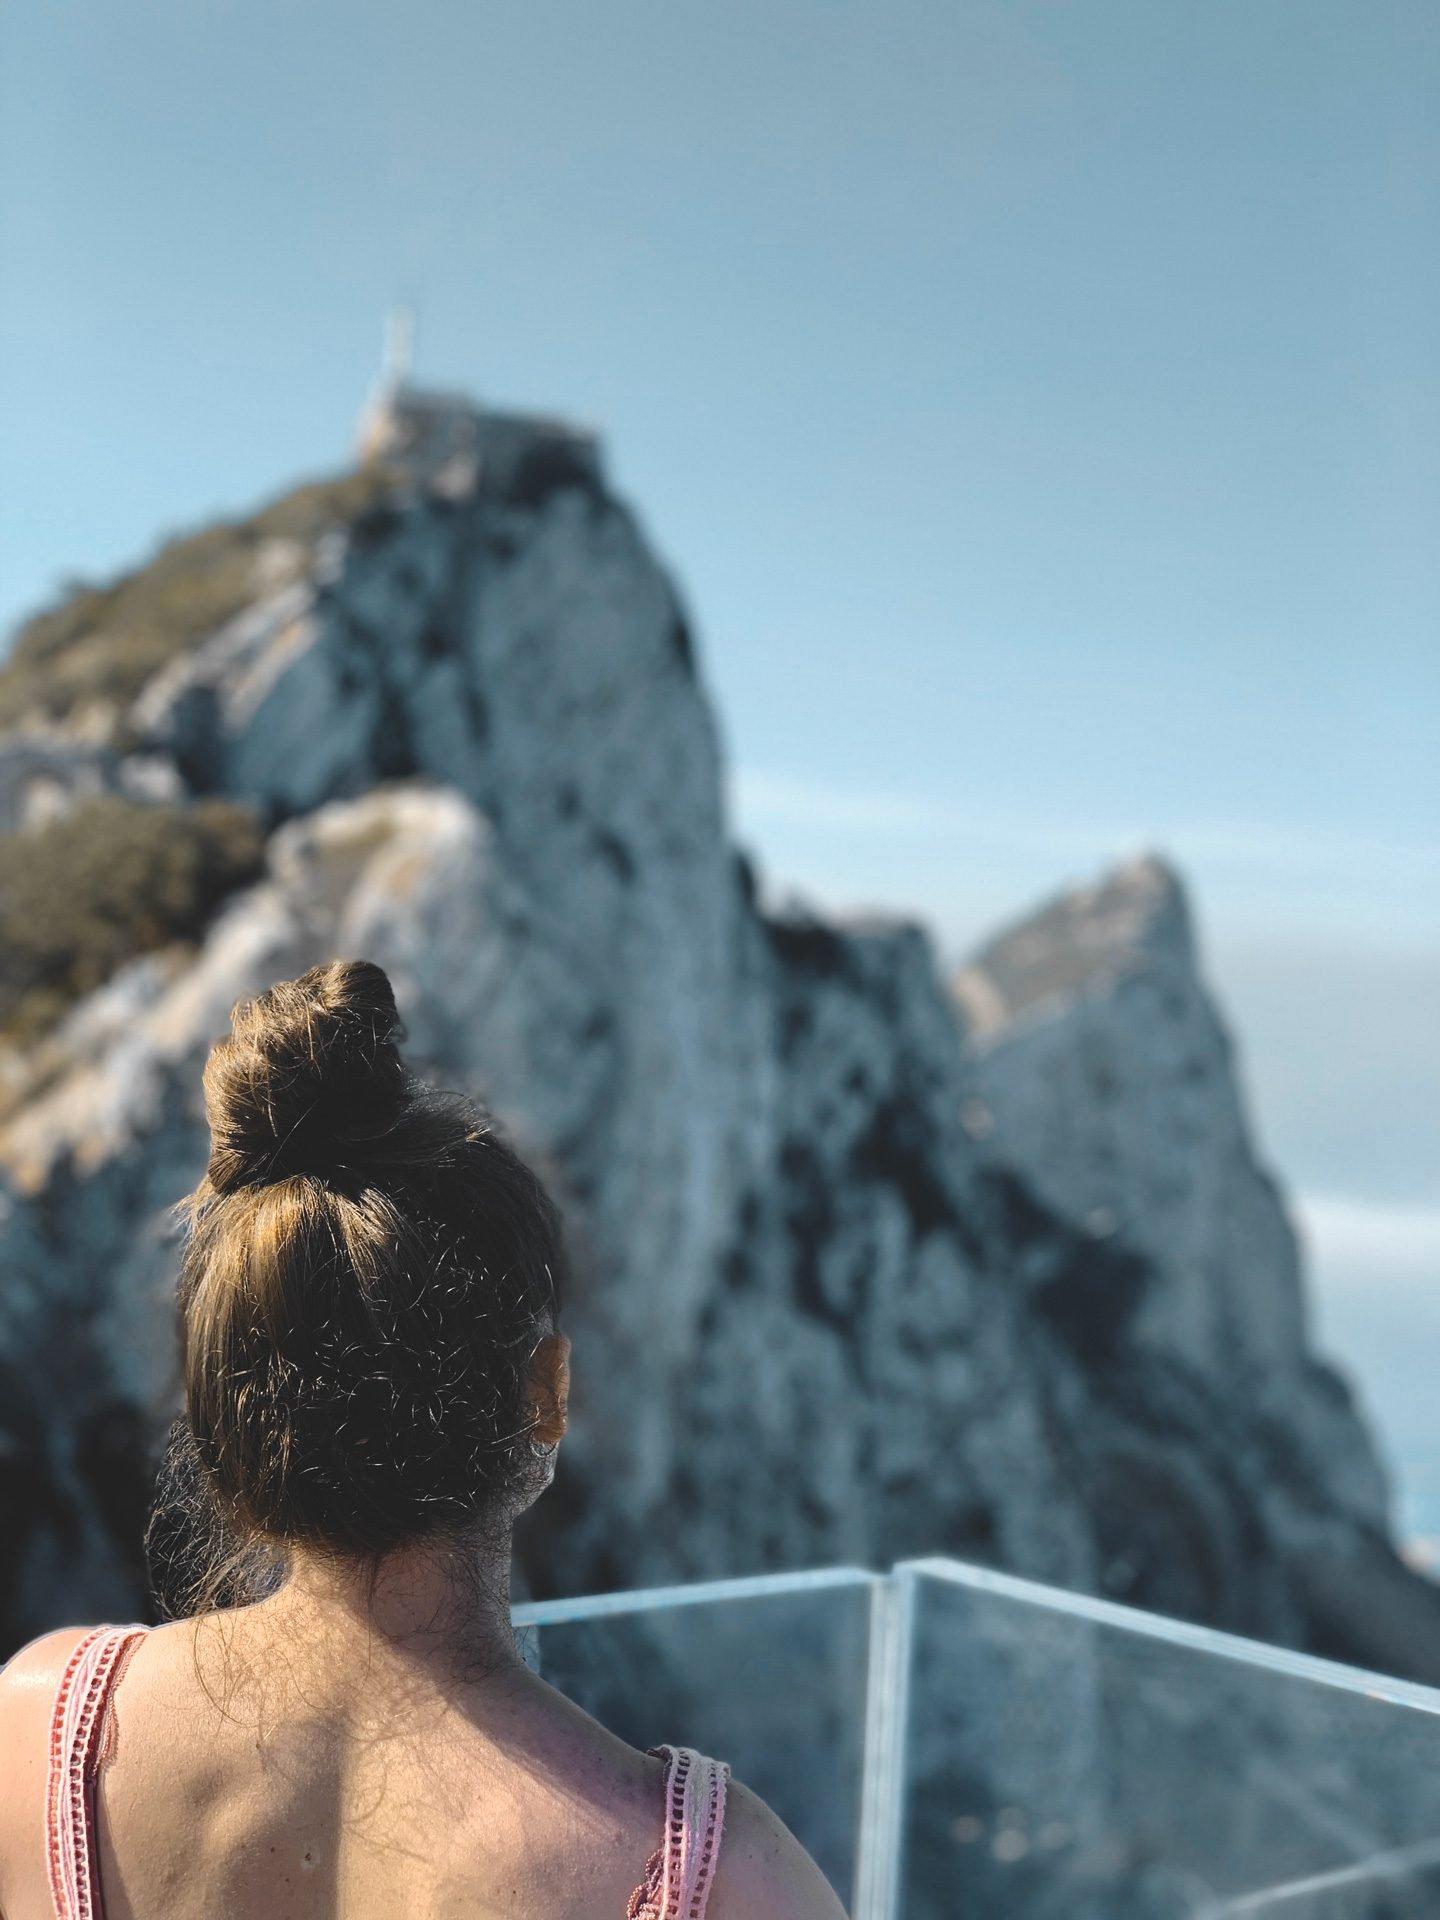 Cómo subir al peñón de Gibraltar | Rojo Cangrejo Blog de Viajes